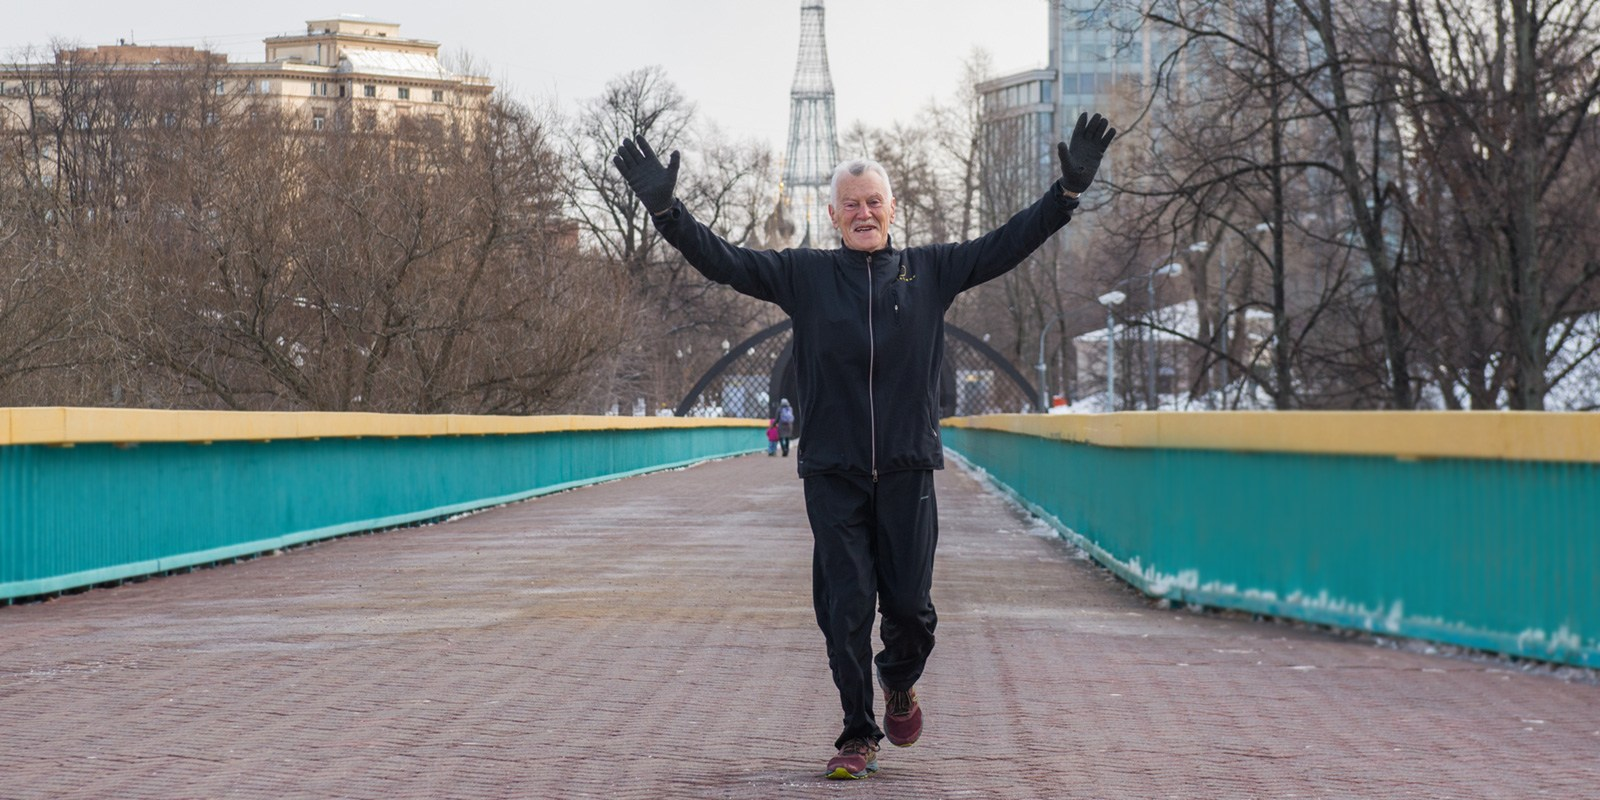 Андрей Чирков. Жить и бегать! Открывая горизонты